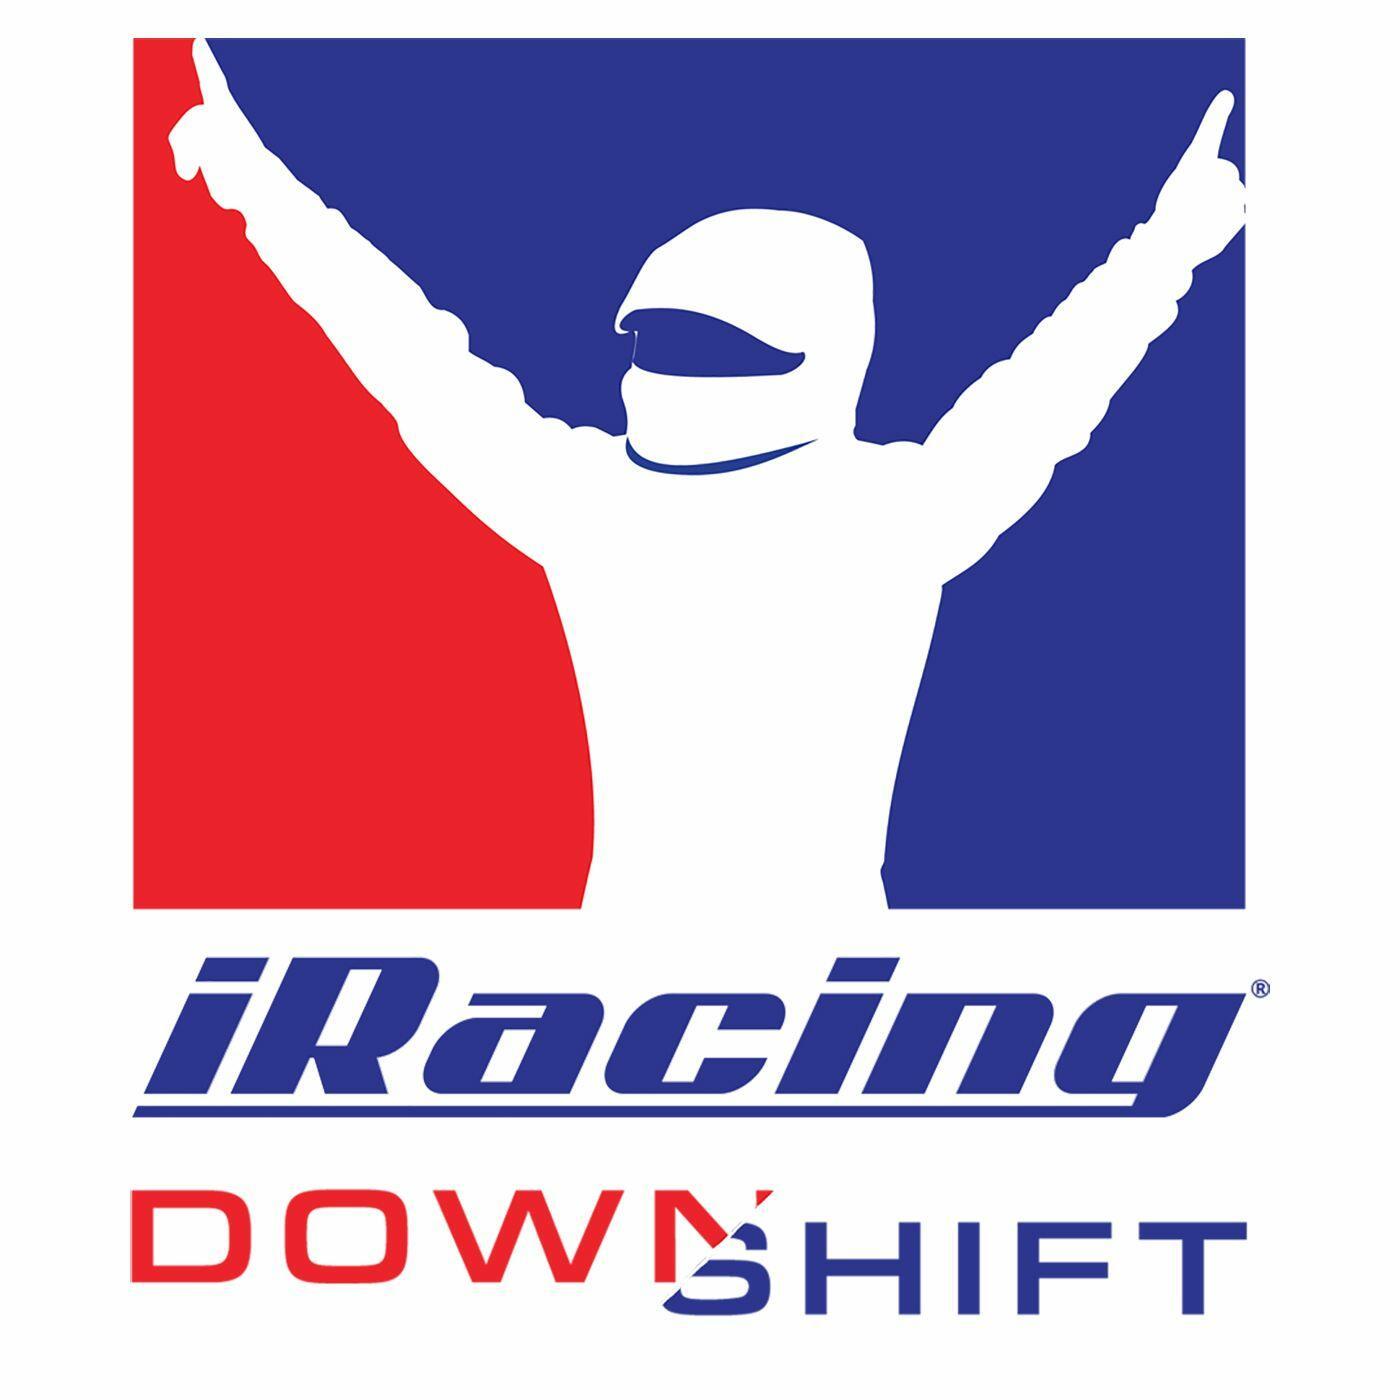 iRacing Downshift